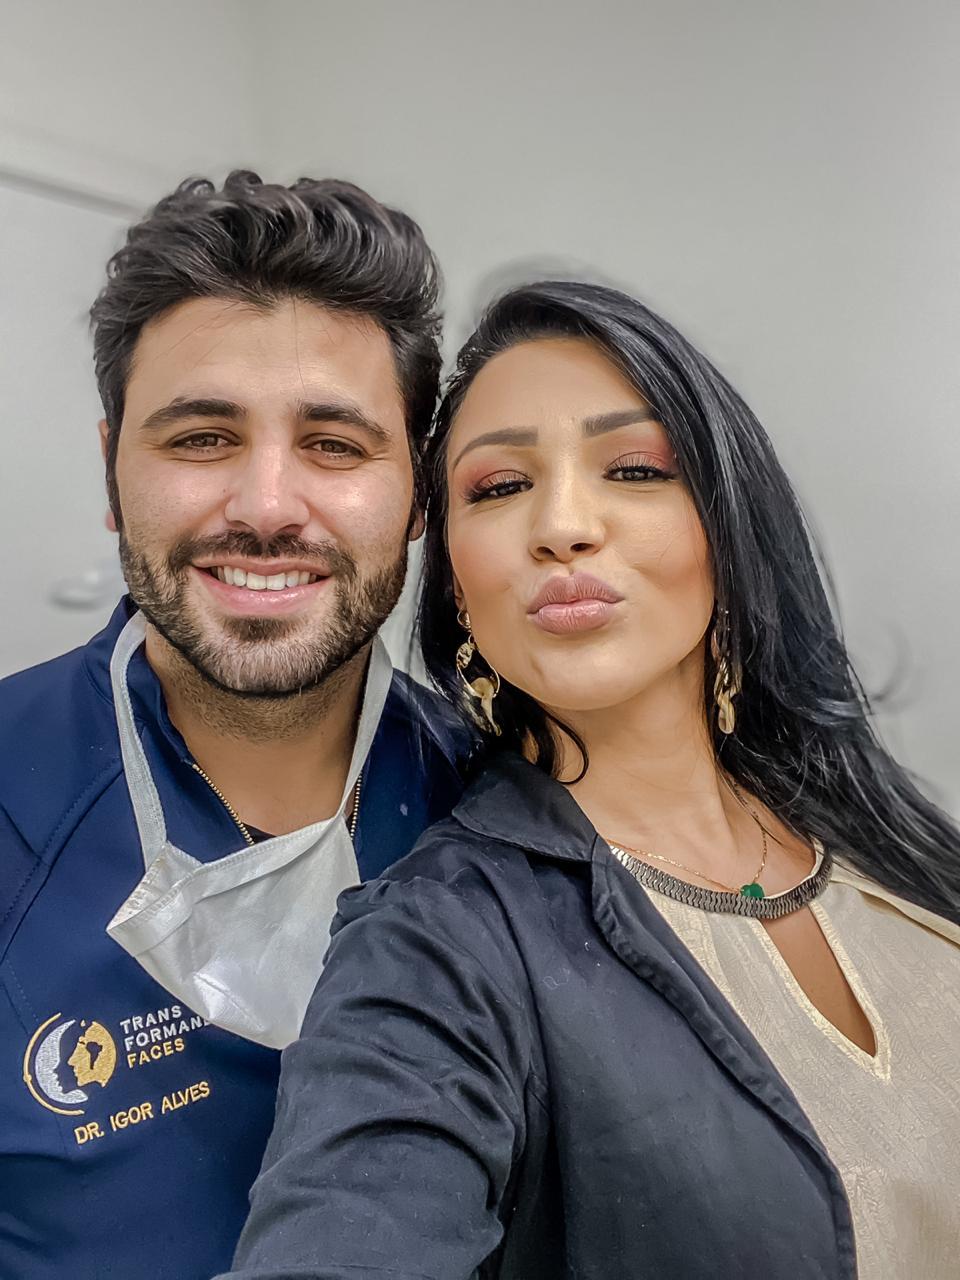 Jenny Miranda vai a Belo Horizonte para mais uma sessão de harmonização facial